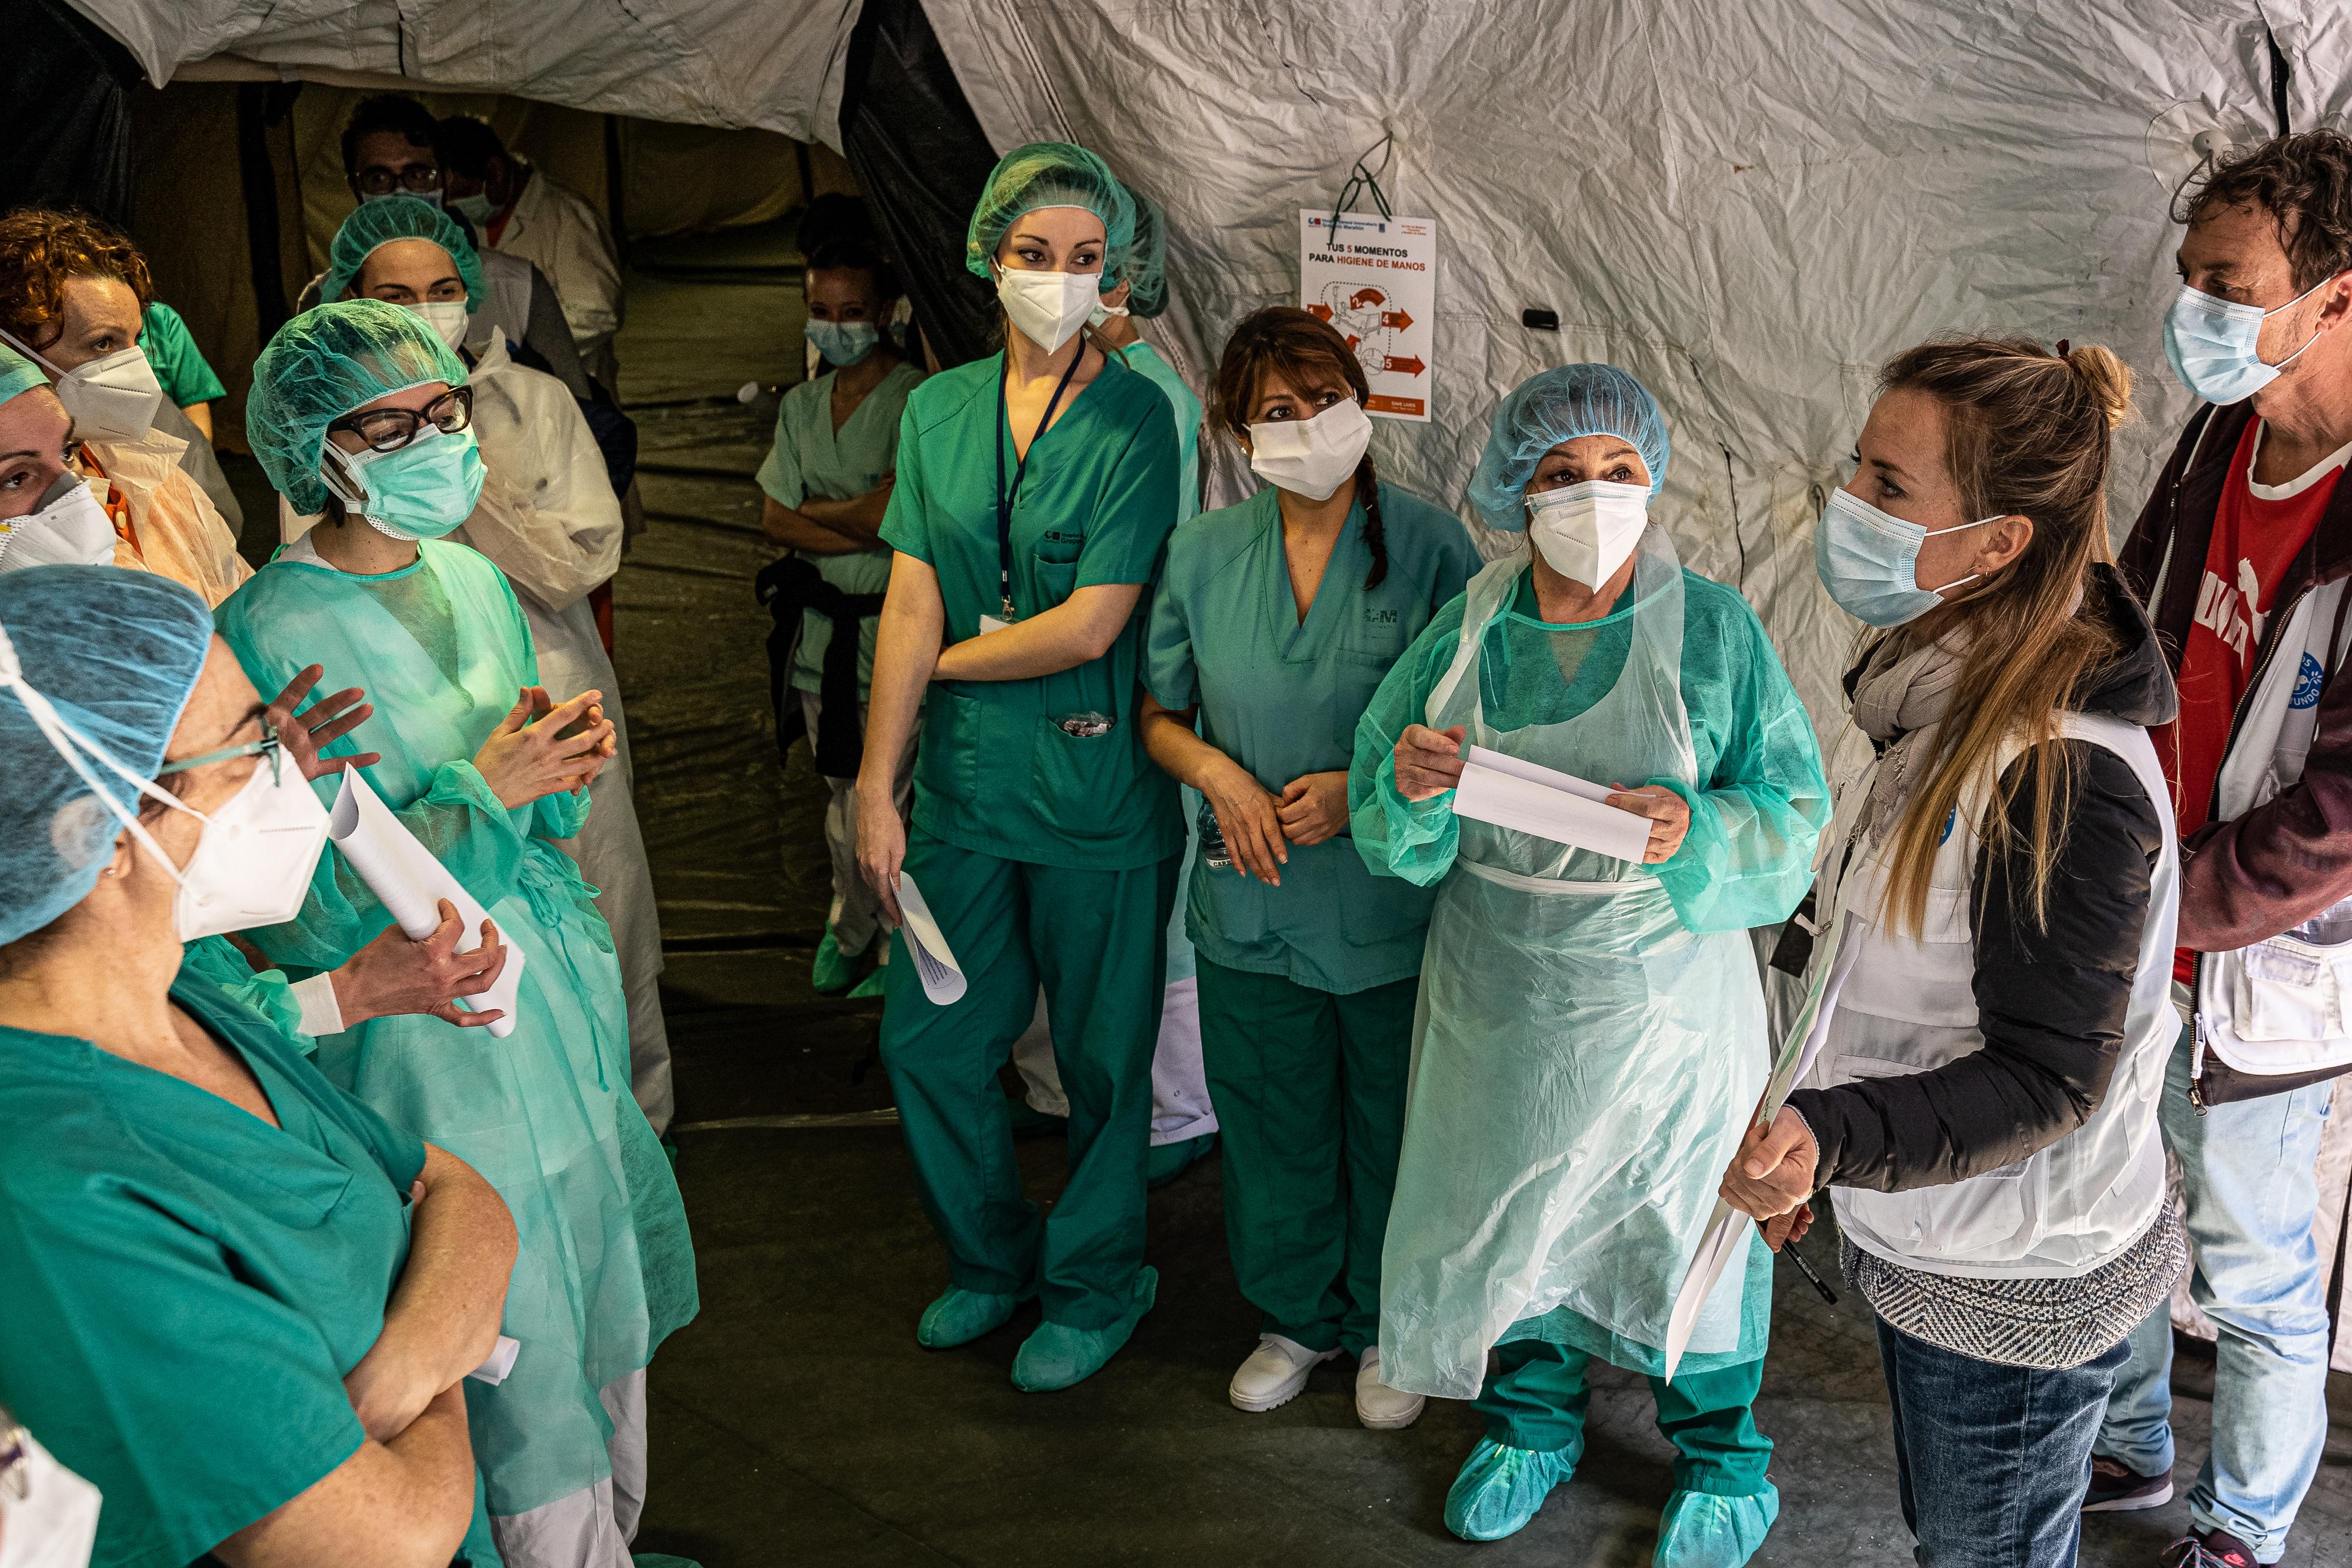 El equipo de Médicos del Mundo informa sobre las medidas de prevención de la pandemia al equipo del hospital Gregorio Marañón, Madrid. @Ignacio Marín